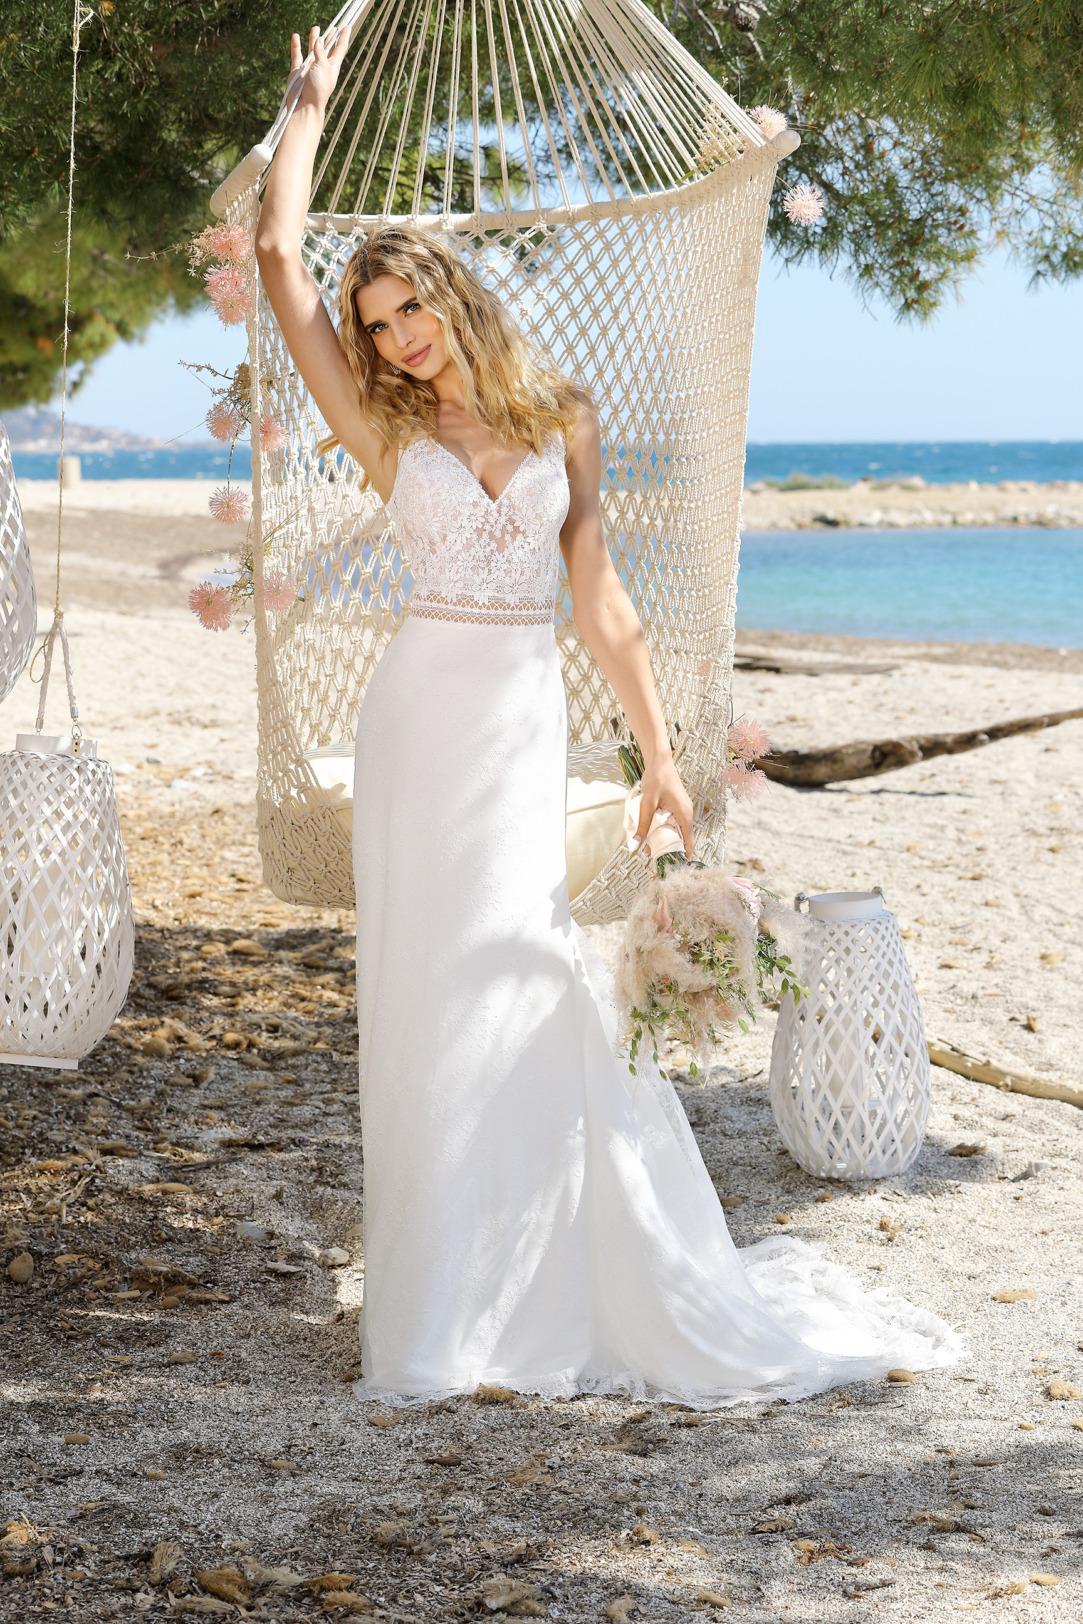 Brautkleid im Vintage Boho Stil in Empire Form. Ladybird Modell 321083. Empire Brautkleid mit feinem V- Ausschnitt und schmalen Trägern und einem etwas schmaleren Rock aus leichtem Chiffon. Das Material ist  feinste Spitze.